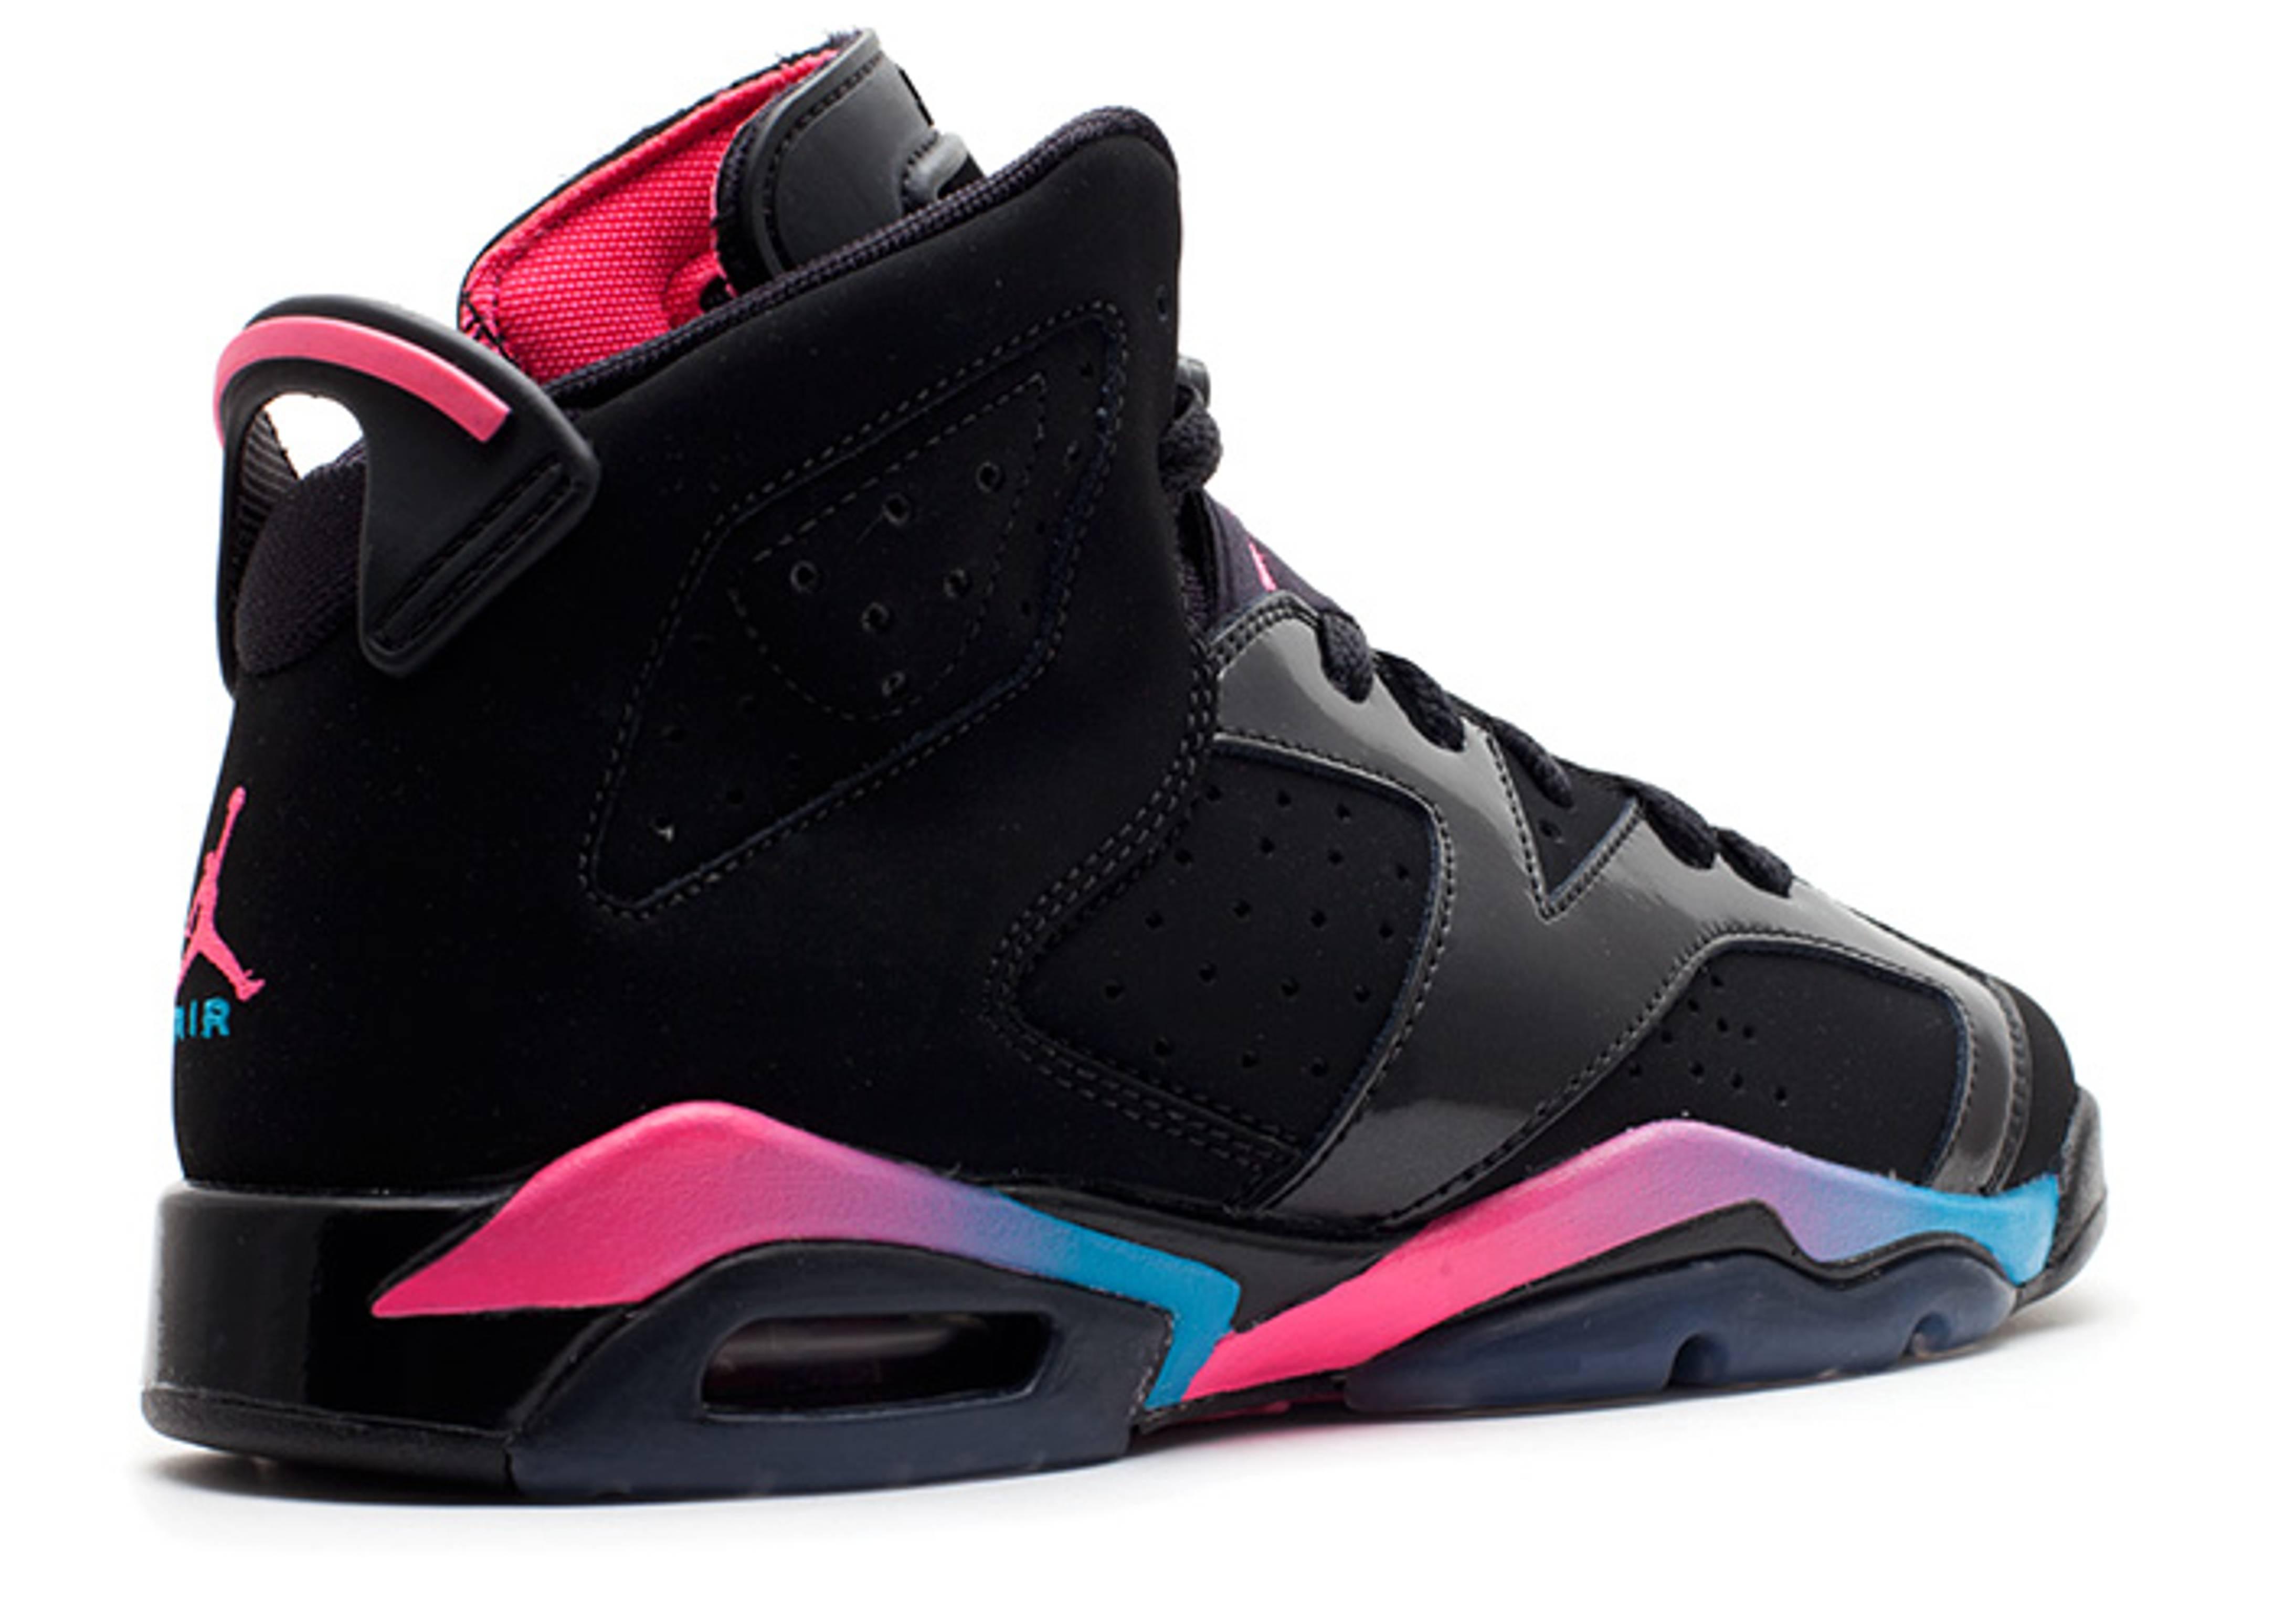 936b5f9e0ab The Cheapest Nike Air Jordan 6 Cheap sale GS Suede Black Pink ...